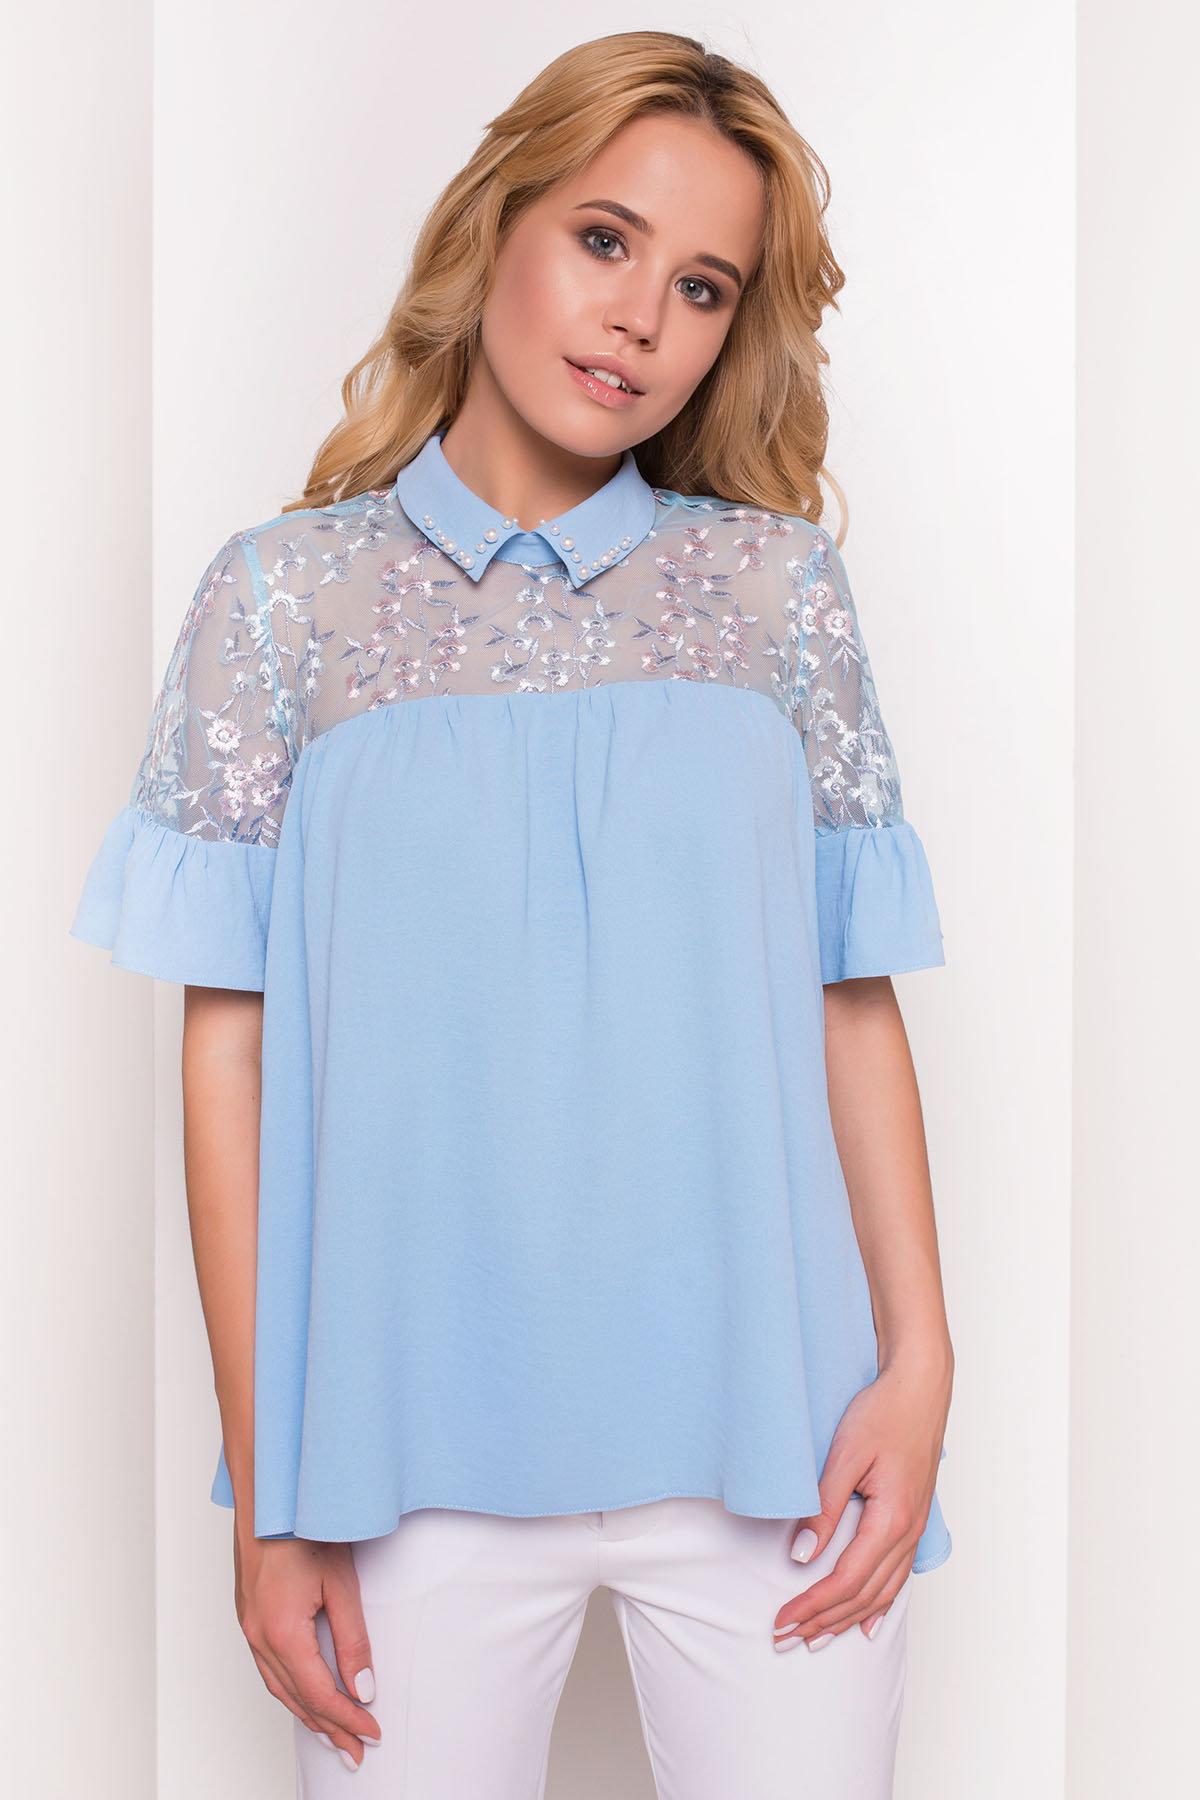 Блуза Джету 5127 АРТ. 35999 Цвет: Голубой - фото 3, интернет магазин tm-modus.ru